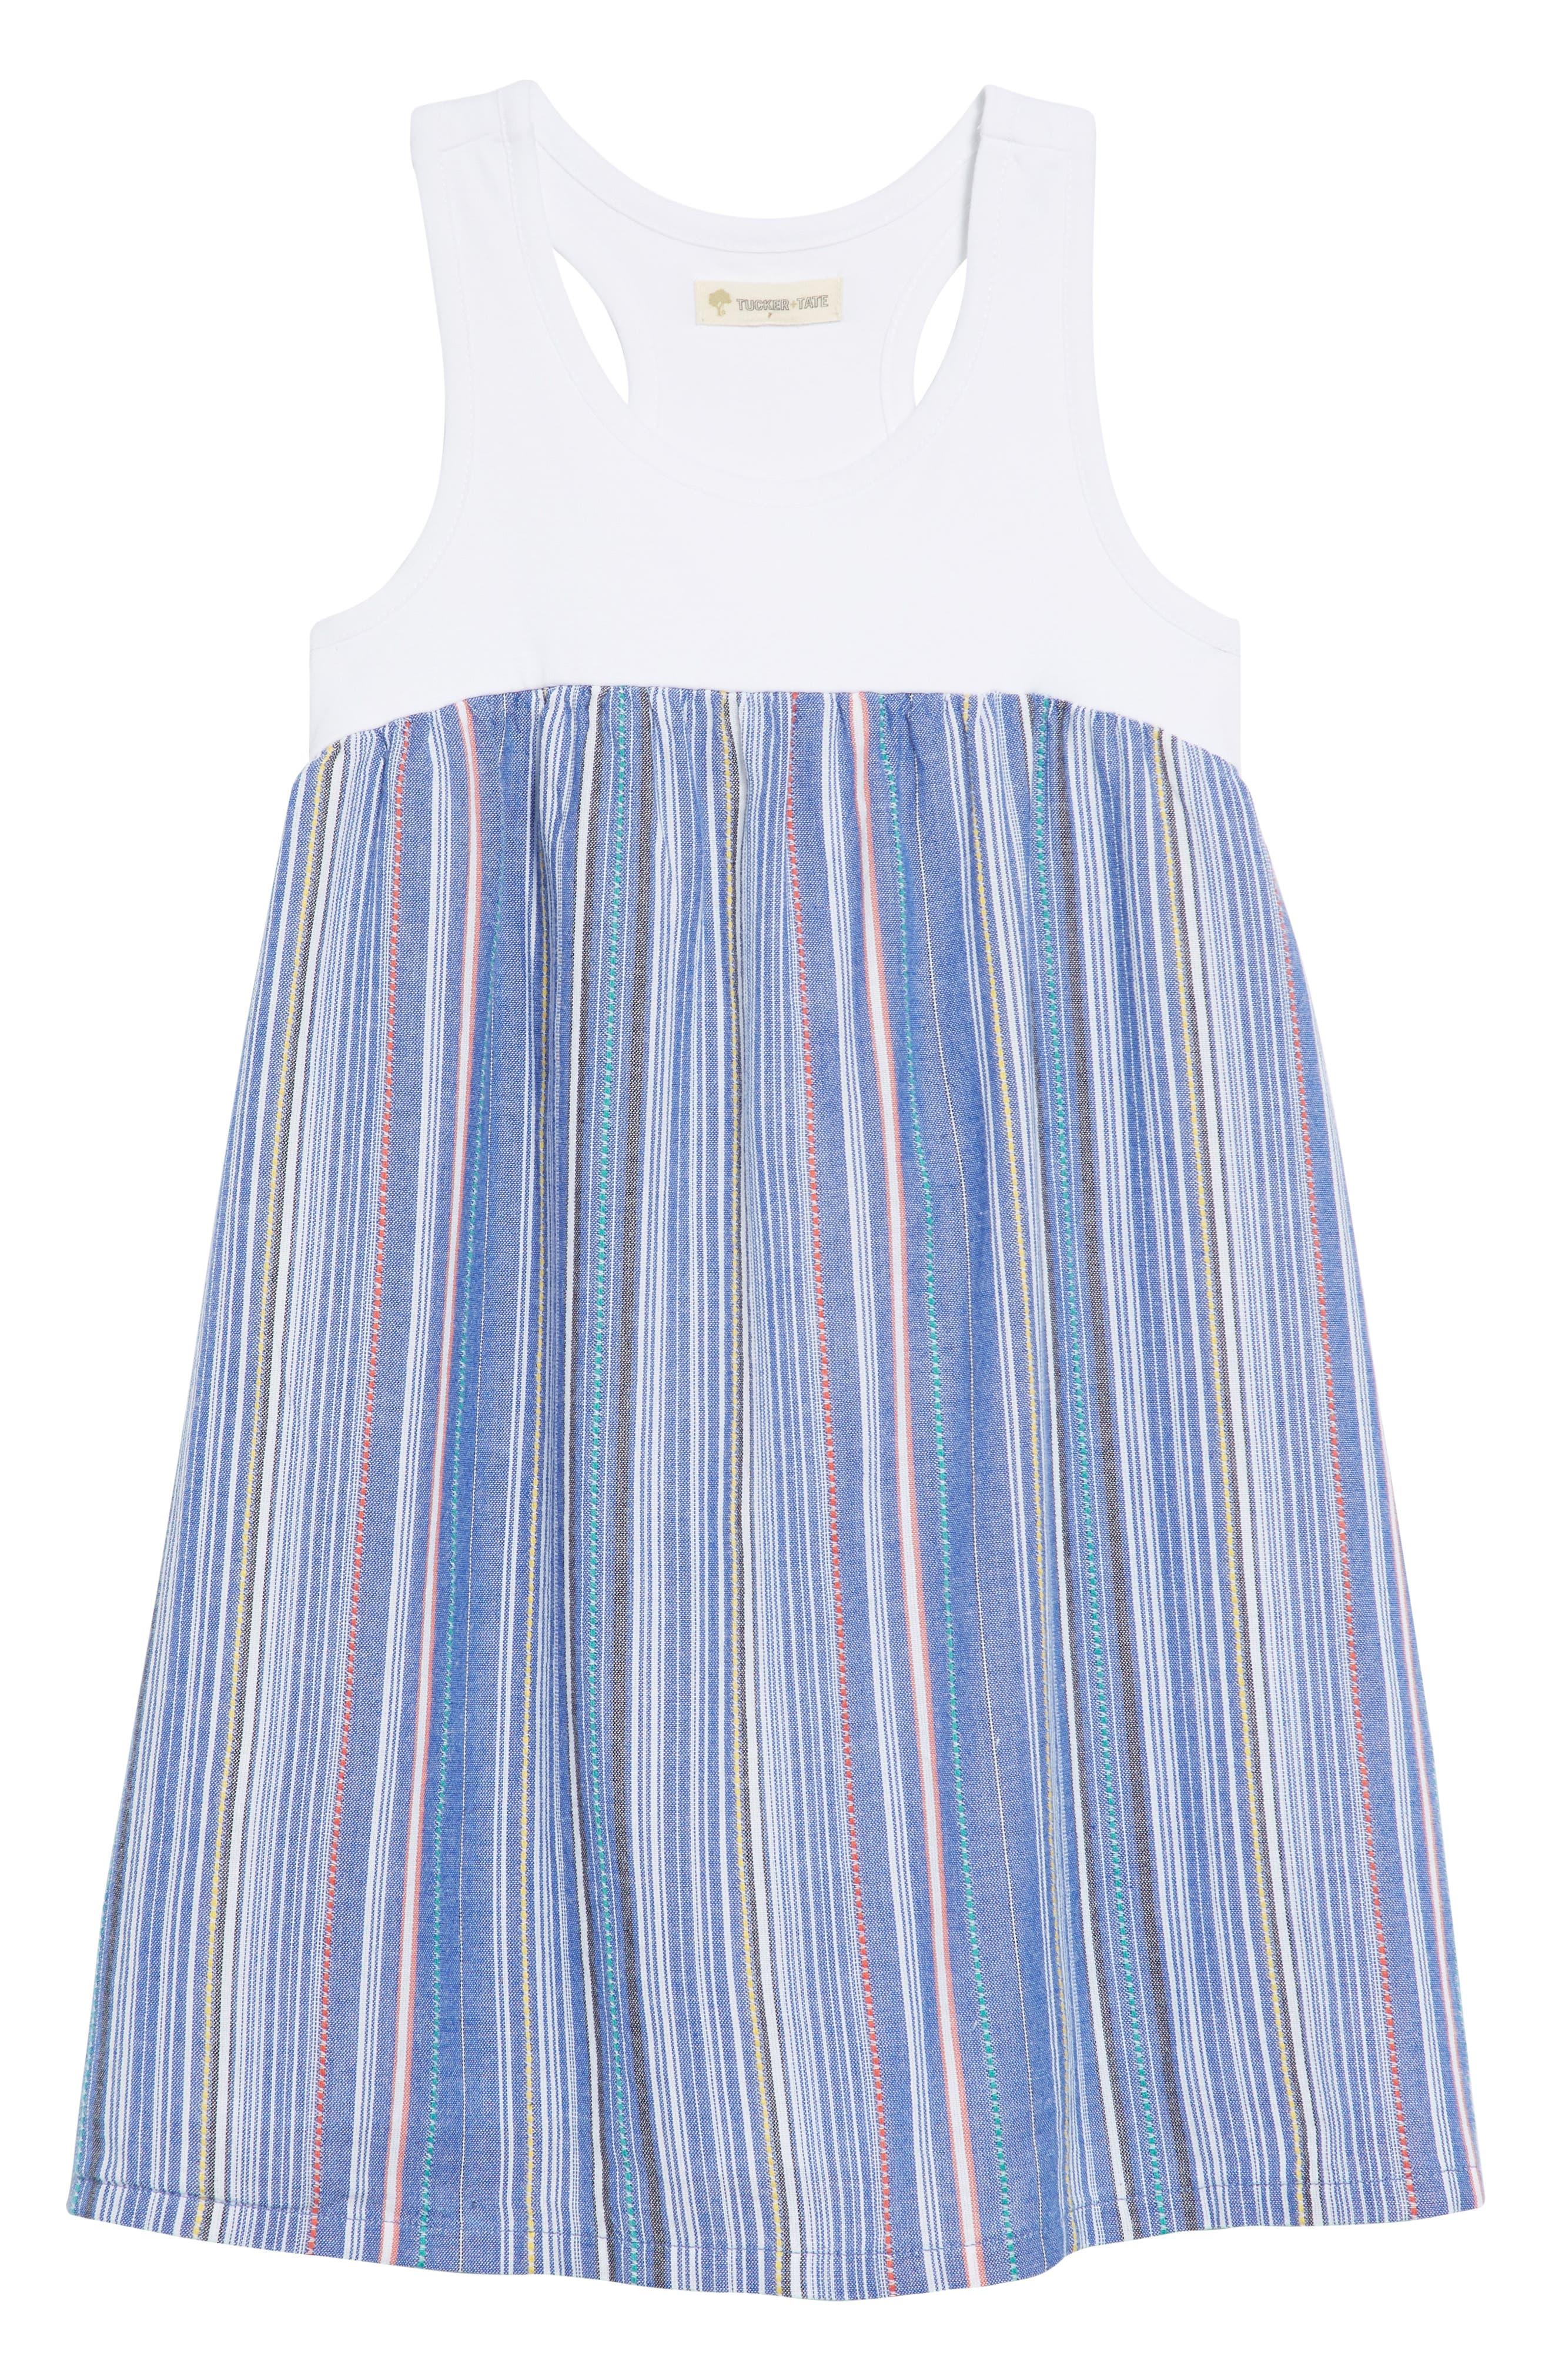 Racerback Tank Dress,                             Main thumbnail 1, color,                             Blue Thread Multi Stripe